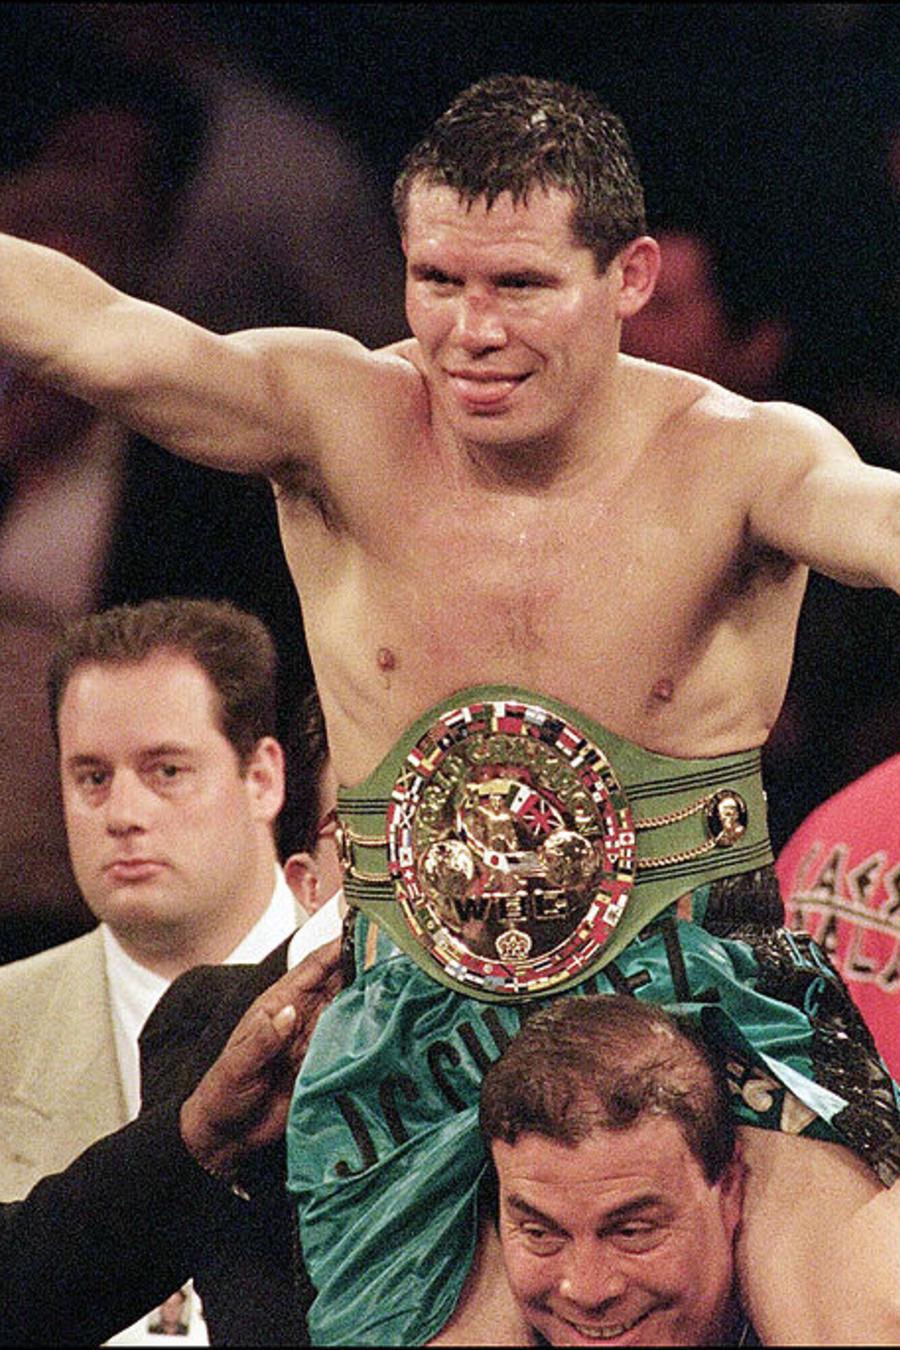 WBC super lightweight champion Julio Cesar Chavez